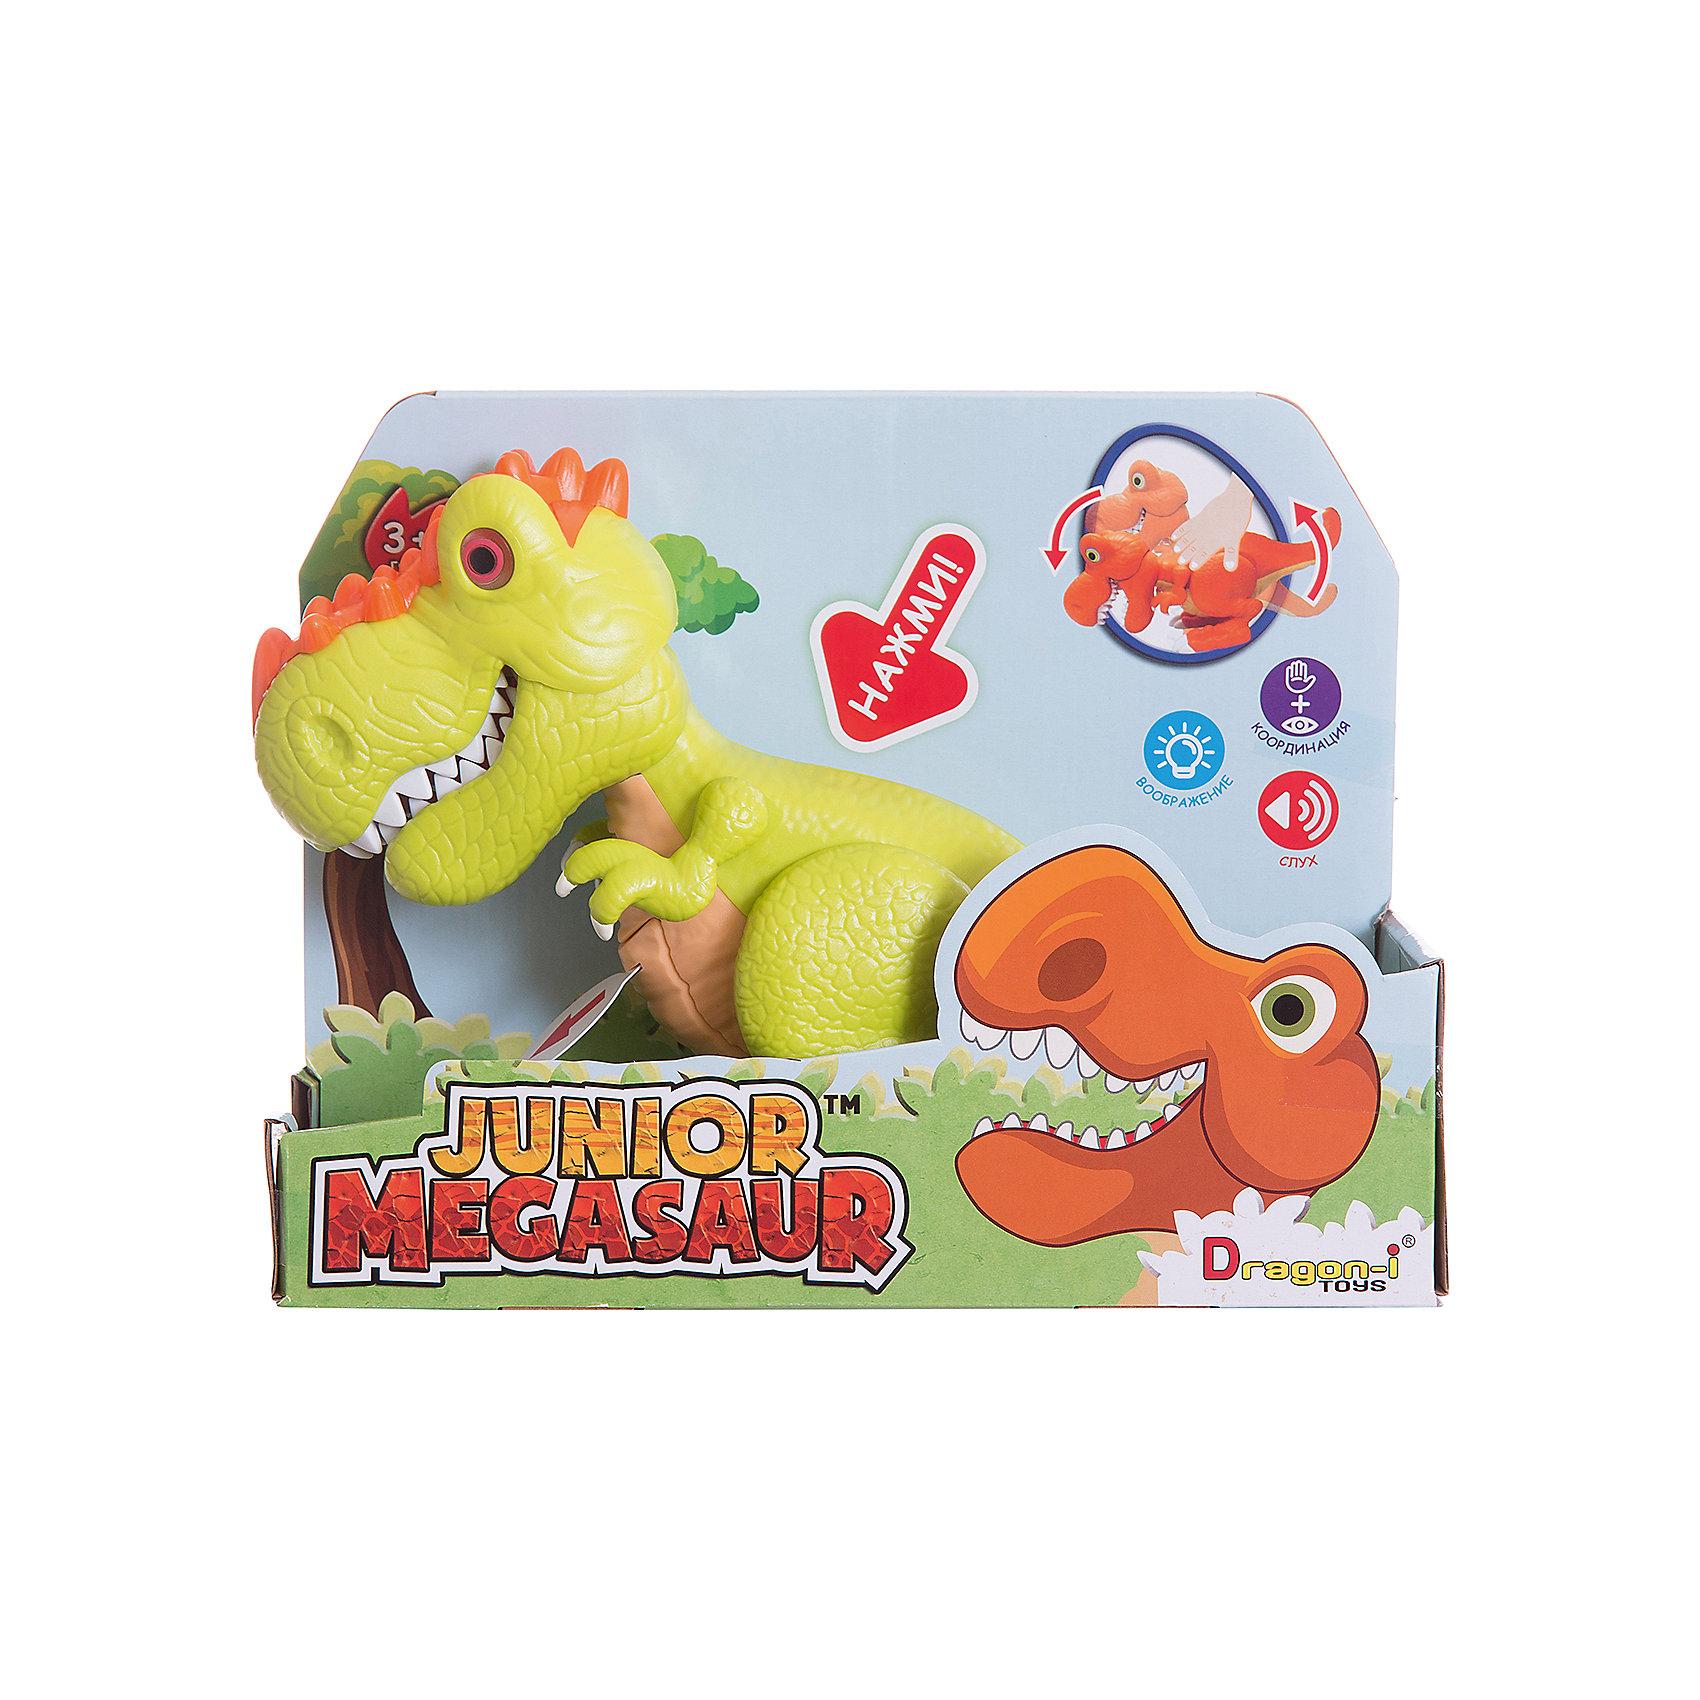 Динозавр Ругопс, со светом и звуком, салатовый, Junior MegasaurДраконы и динозавры<br>Характеристики товара:<br><br>• возраст: от 3 лет;<br>• материал: пластик;<br>• цвет: салатовый;  <br>• тип батареек : 2 батарейки АА ;<br>• наличие батареек : демонстрационные батарейки;<br>• размер упаковки: 31х11х26 см;<br>• вес упаковки: 603 гр.;<br>•страна обладатель бренда: США.   <br><br>Динозавр Ругопс салатового цвета оснащен световыми и звуковыми эффектами: при наклоне корпуса динозавра у него будут светиться глаза, он зарычит и начнёт хлопать пастью. При этом динозавр может захватывать мелкие предметы со стала или с пола. Динозаврик рычит при нажатии на спину, при этом у него светятся глаза. <br><br>Игрушку динозавр «Ругопс» Junior Megasaur , со светом и звуком  можно приобрести в нашем интернет-магазине.<br><br>Ширина мм: 310<br>Глубина мм: 110<br>Высота мм: 240<br>Вес г: 603<br>Возраст от месяцев: 36<br>Возраст до месяцев: 2147483647<br>Пол: Мужской<br>Возраст: Детский<br>SKU: 6916229